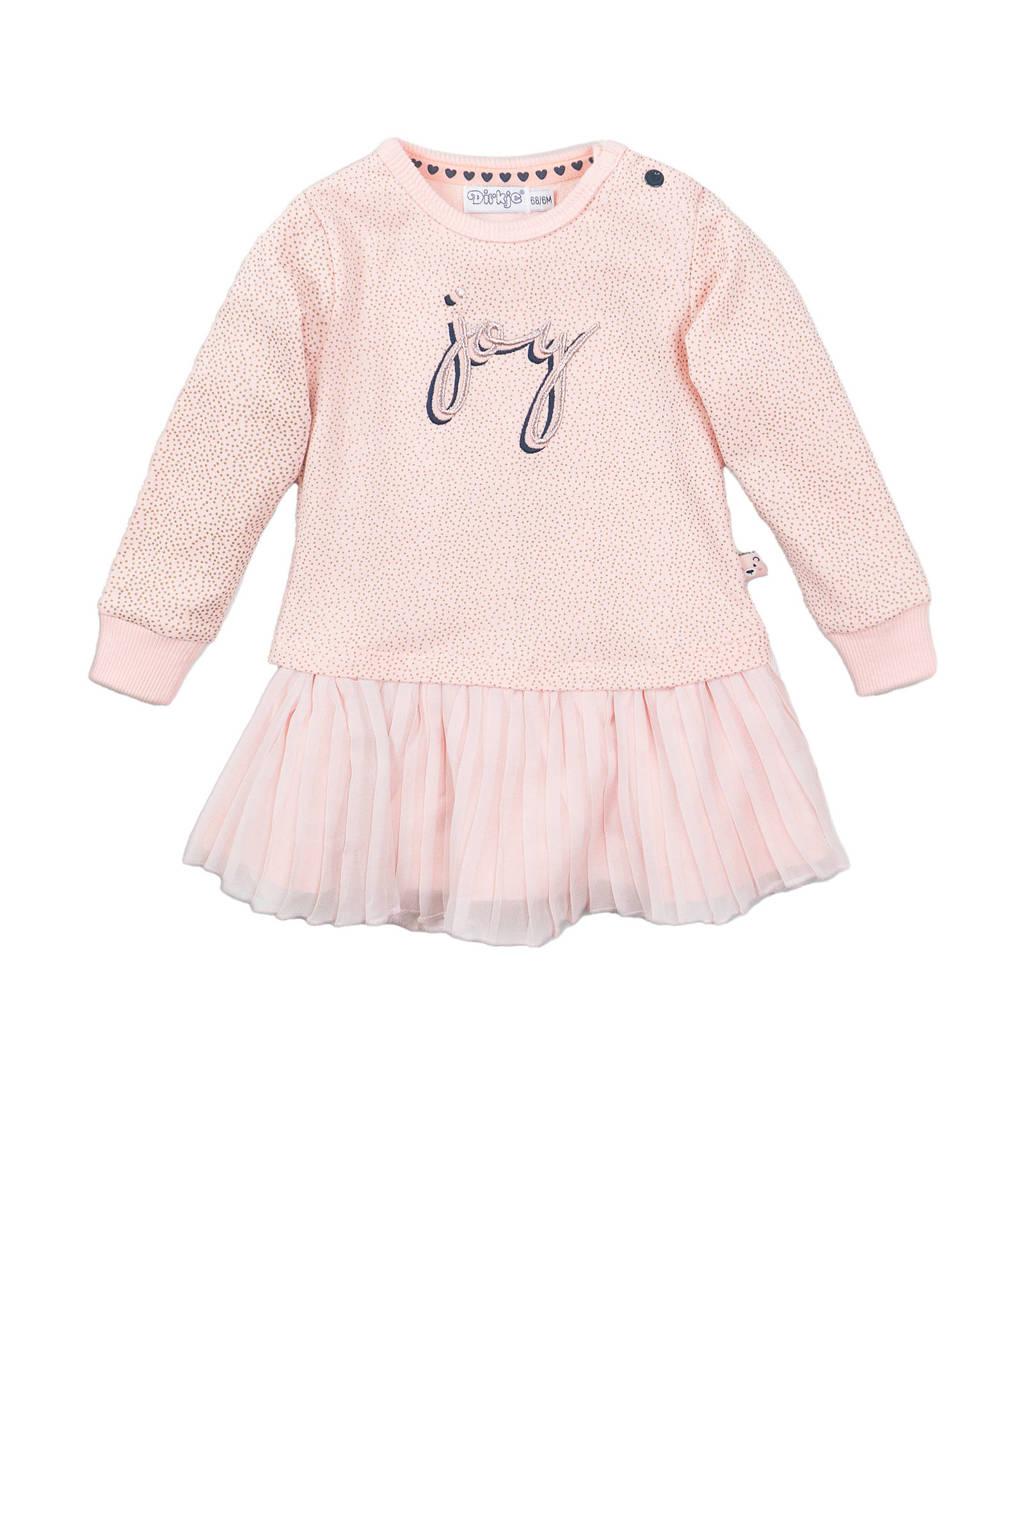 Dirkje jersey jurk met stippen roze, Roze